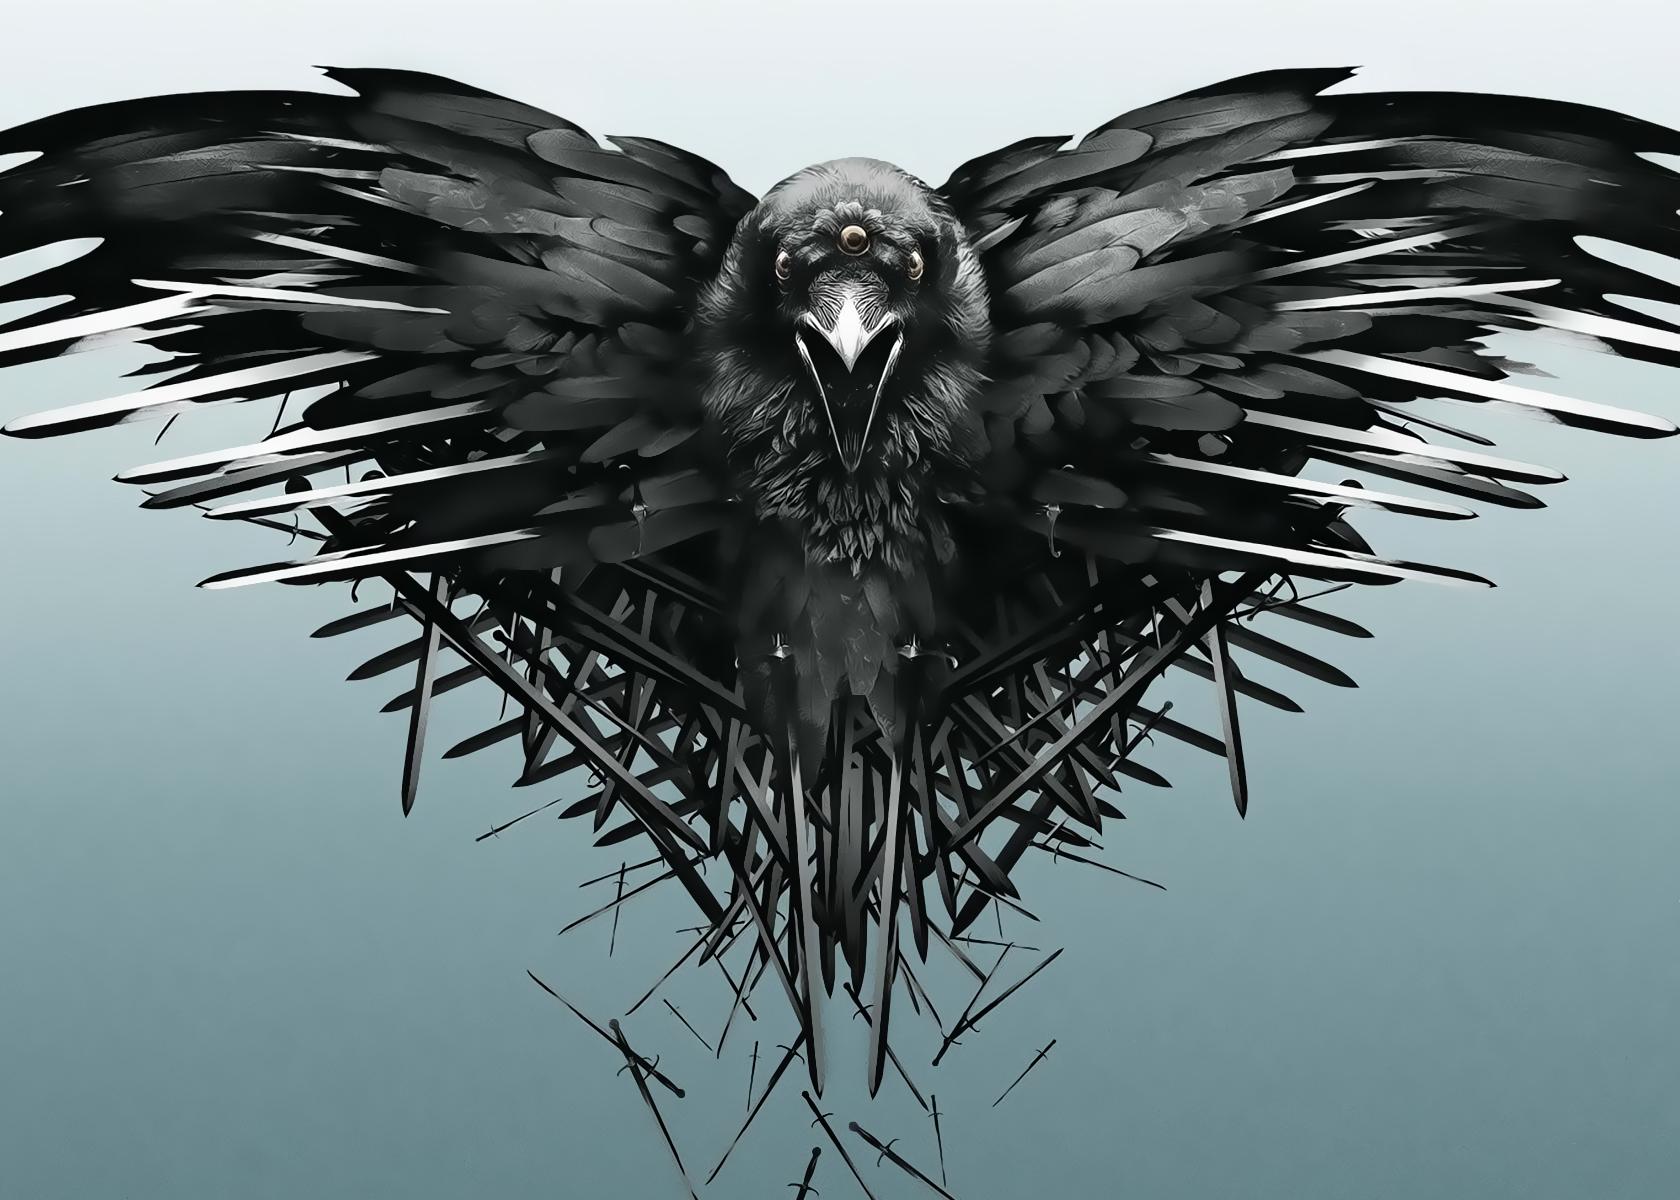 game-of-thrones-all-men-must-die-wallpaper